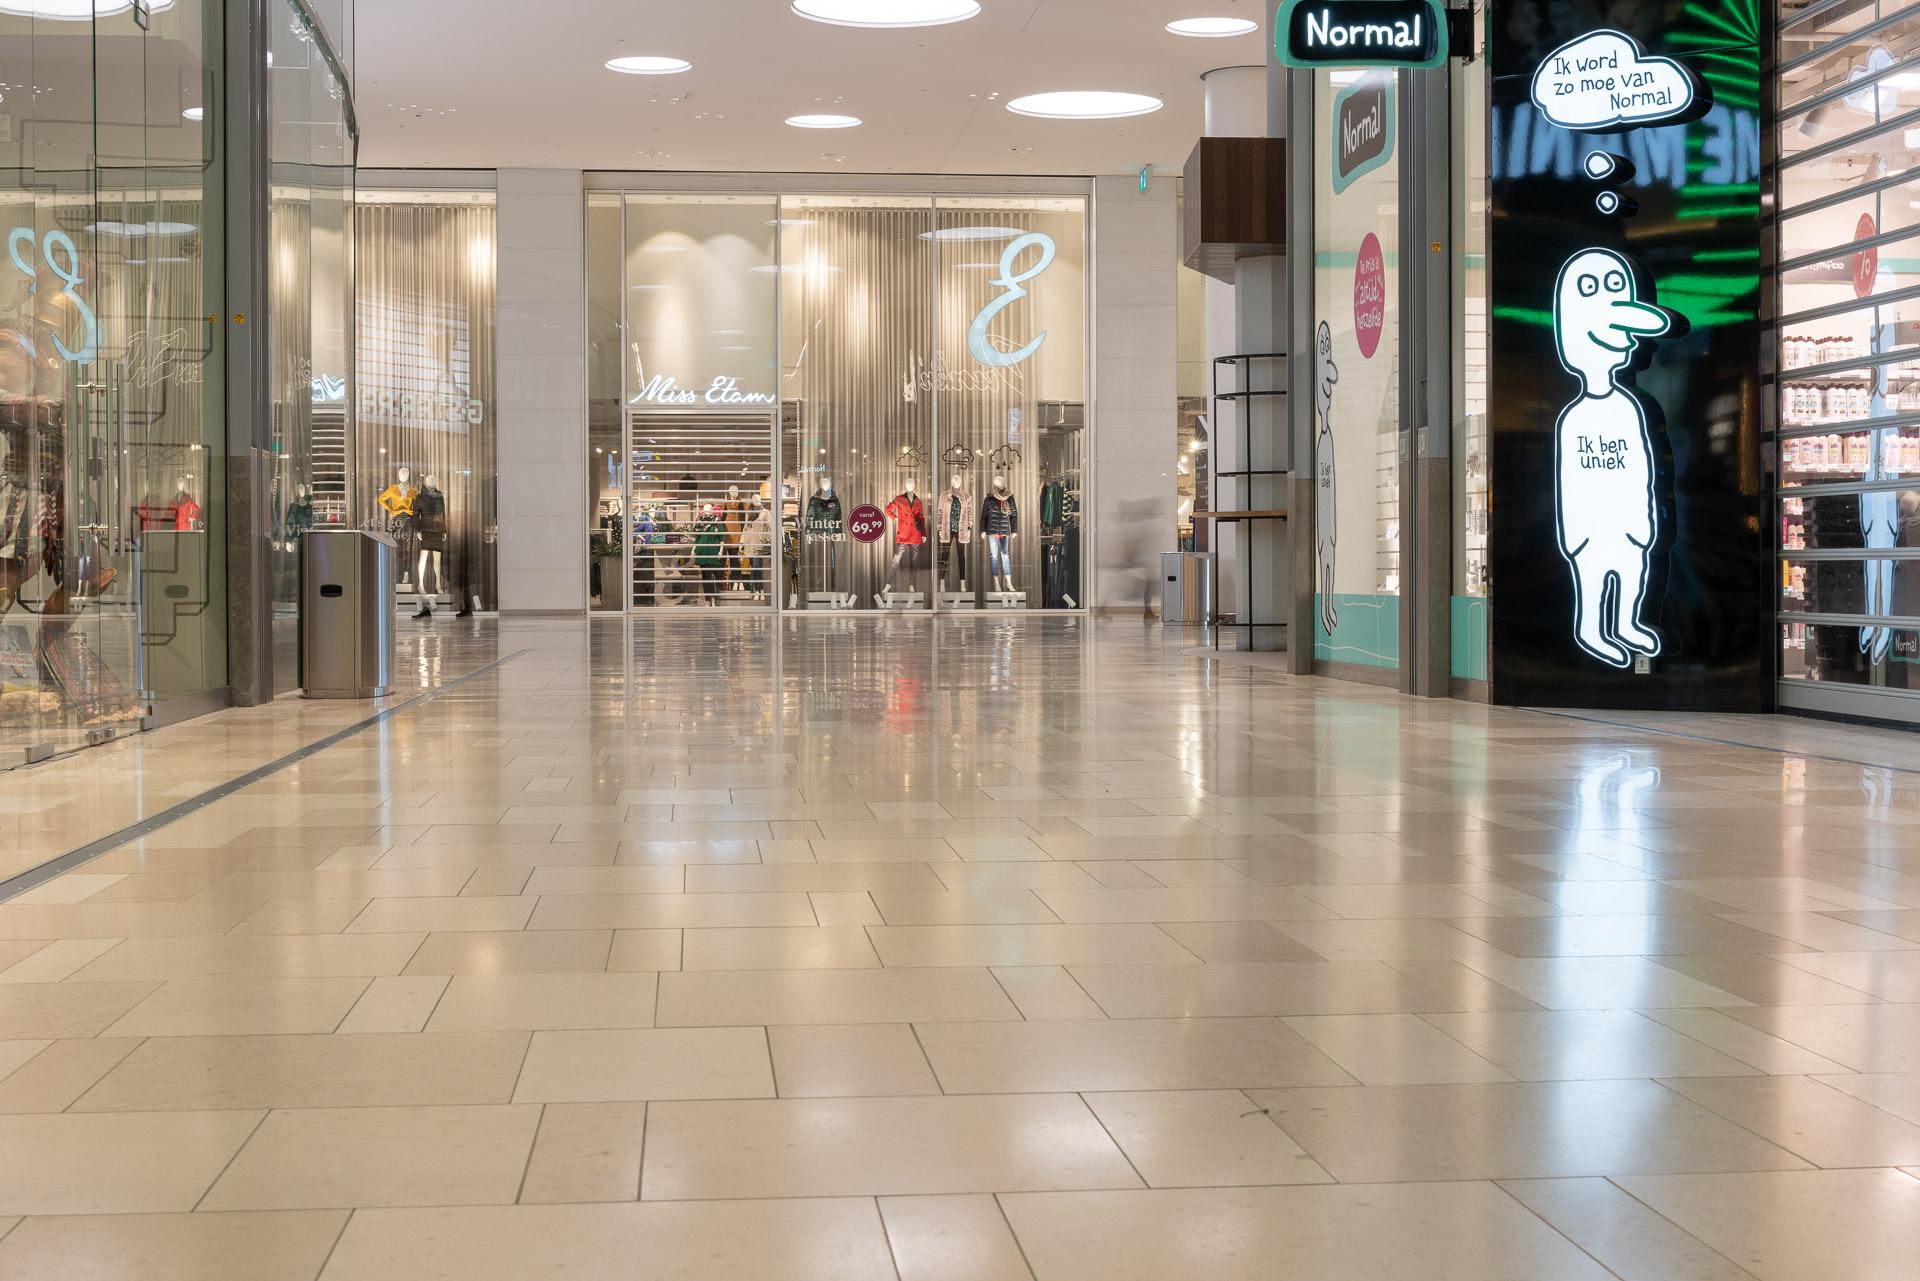 Winkelcentrum Hoog Catharijne Utrecht